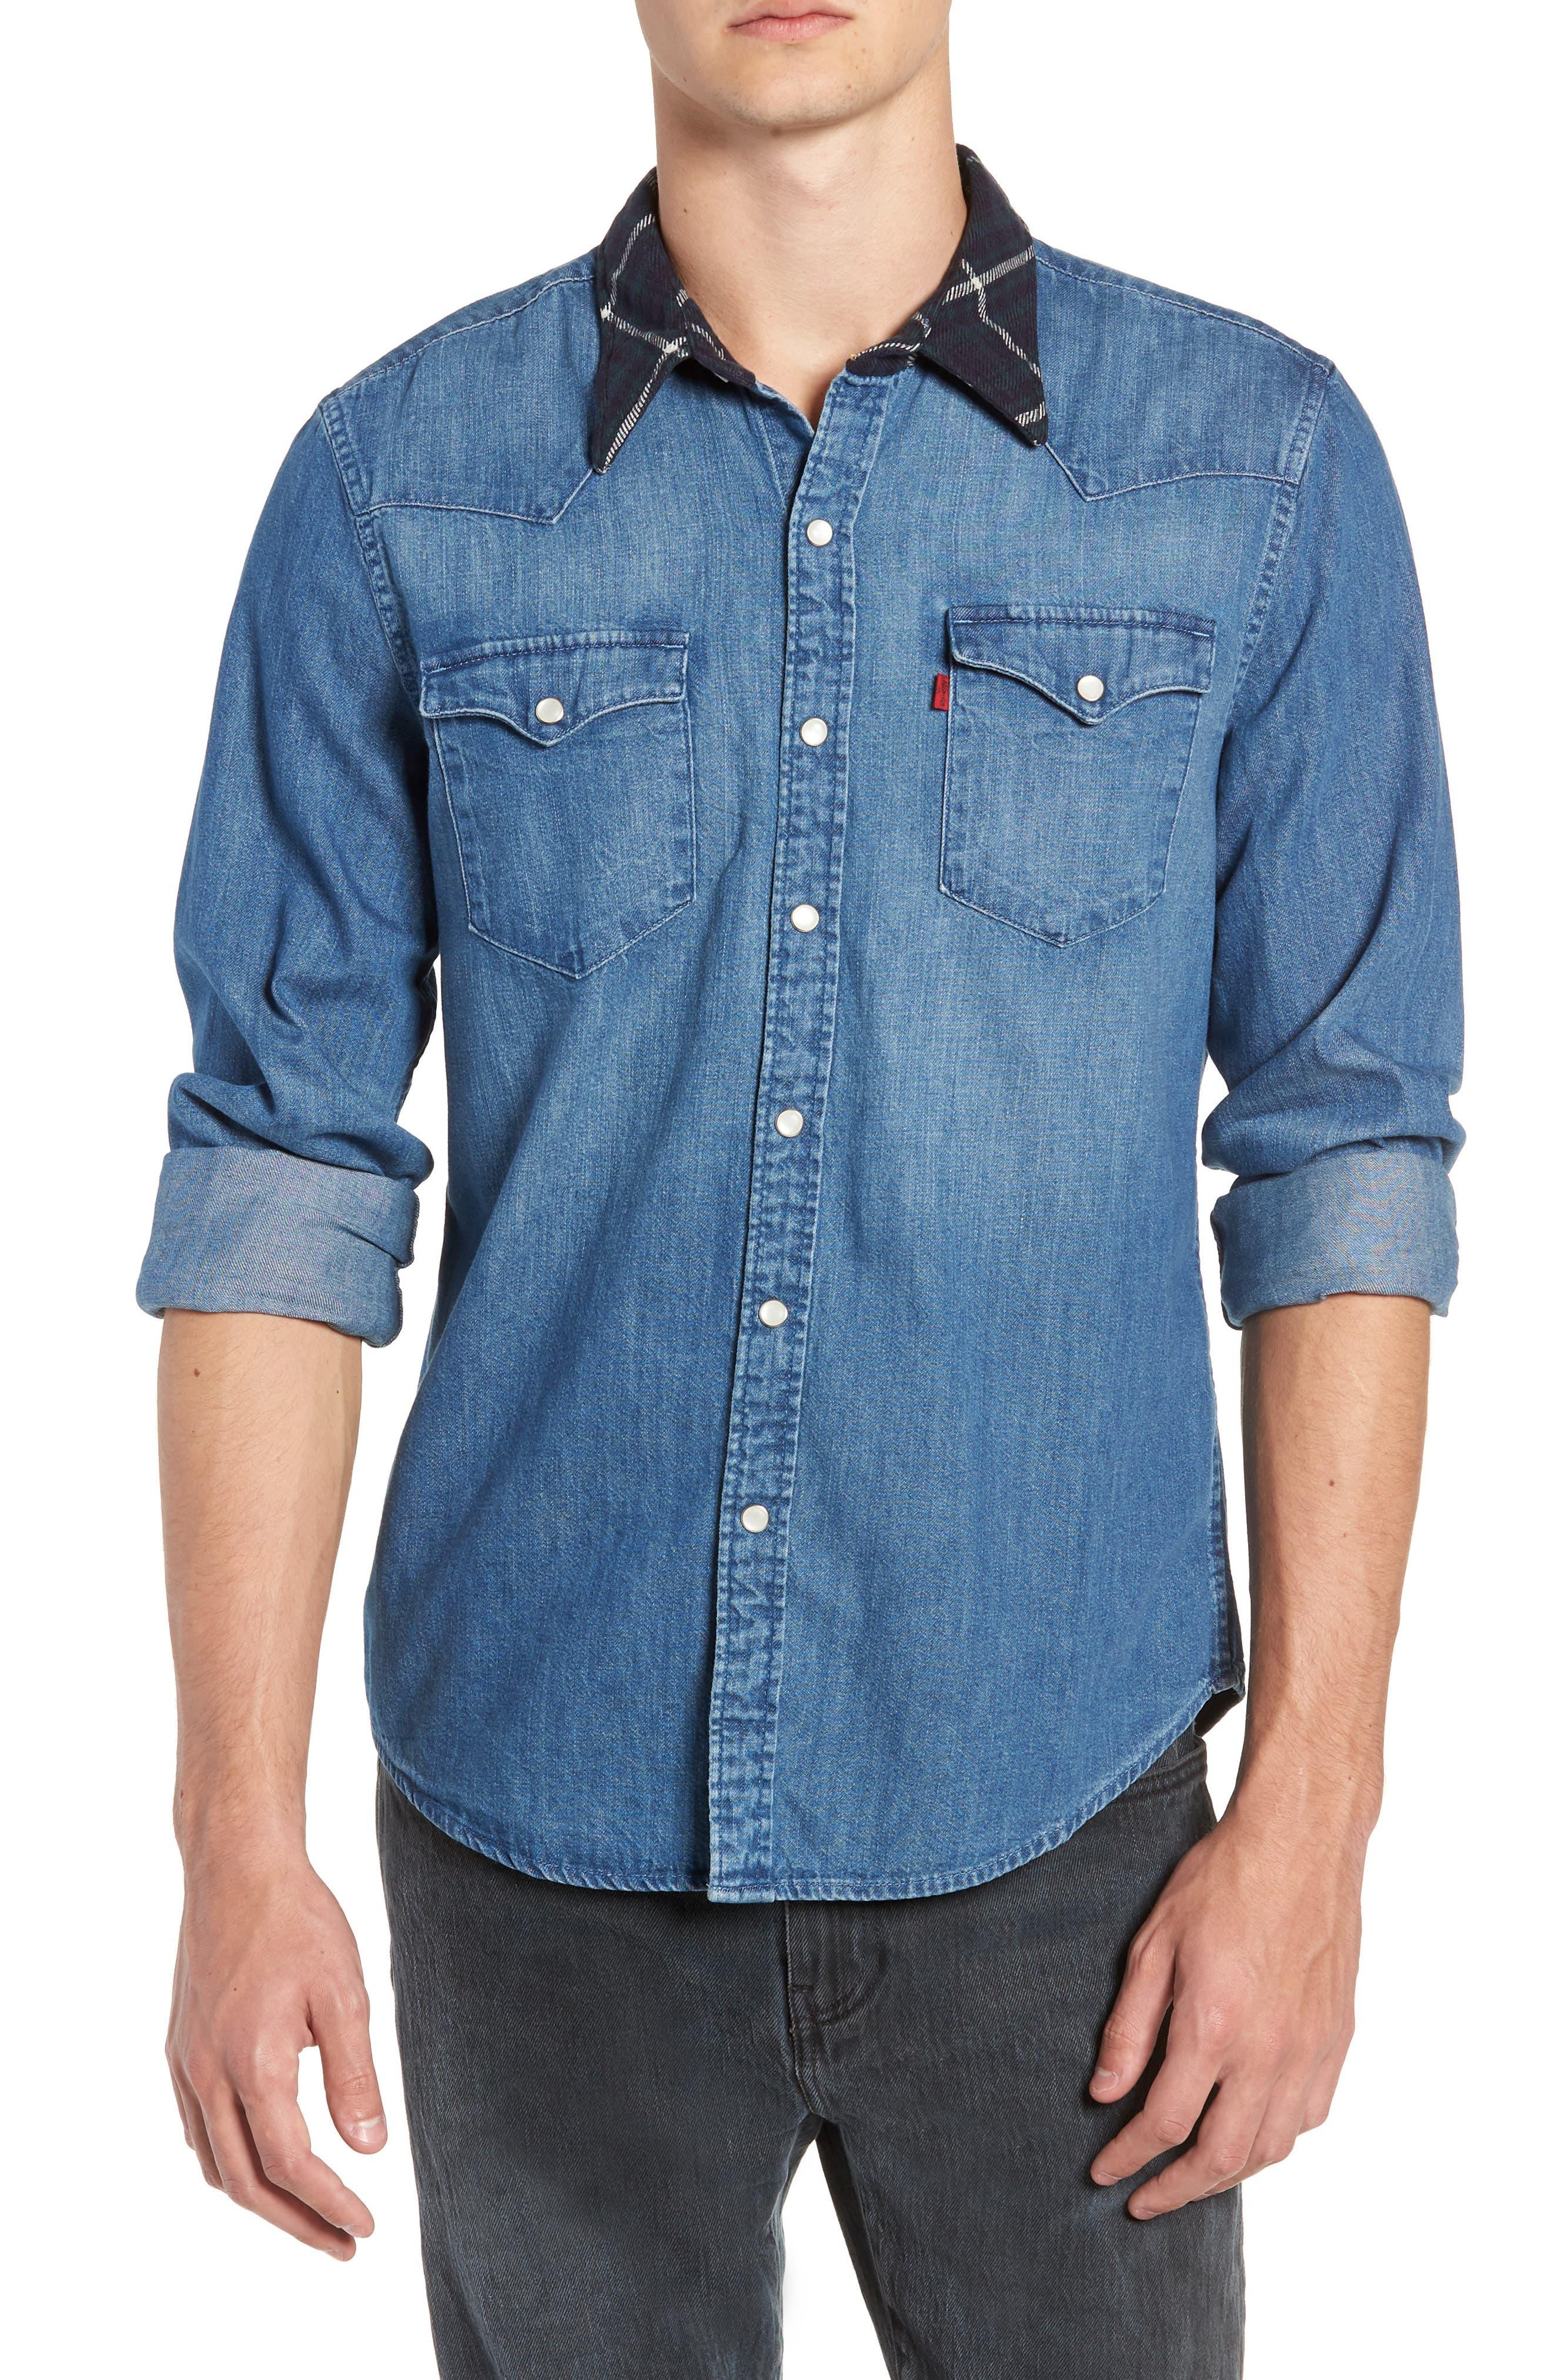 x Justin Timberlake Barstow Western Chambray Shirt,                             Main thumbnail 1, color,                             WASHED BARSTOW